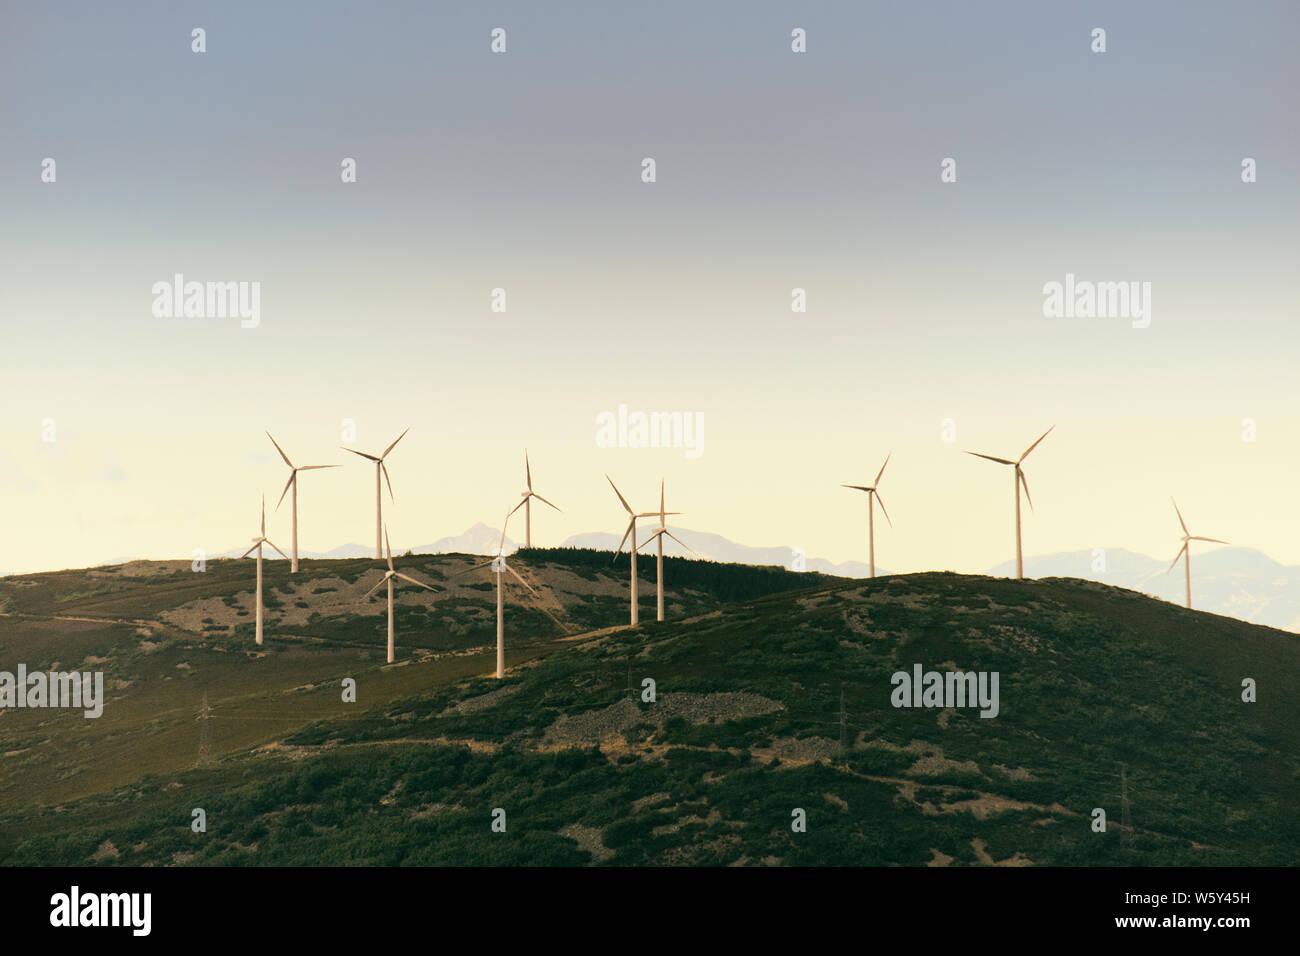 Power Generation Eolic Wind Turbines Field In Spain Stock Photo